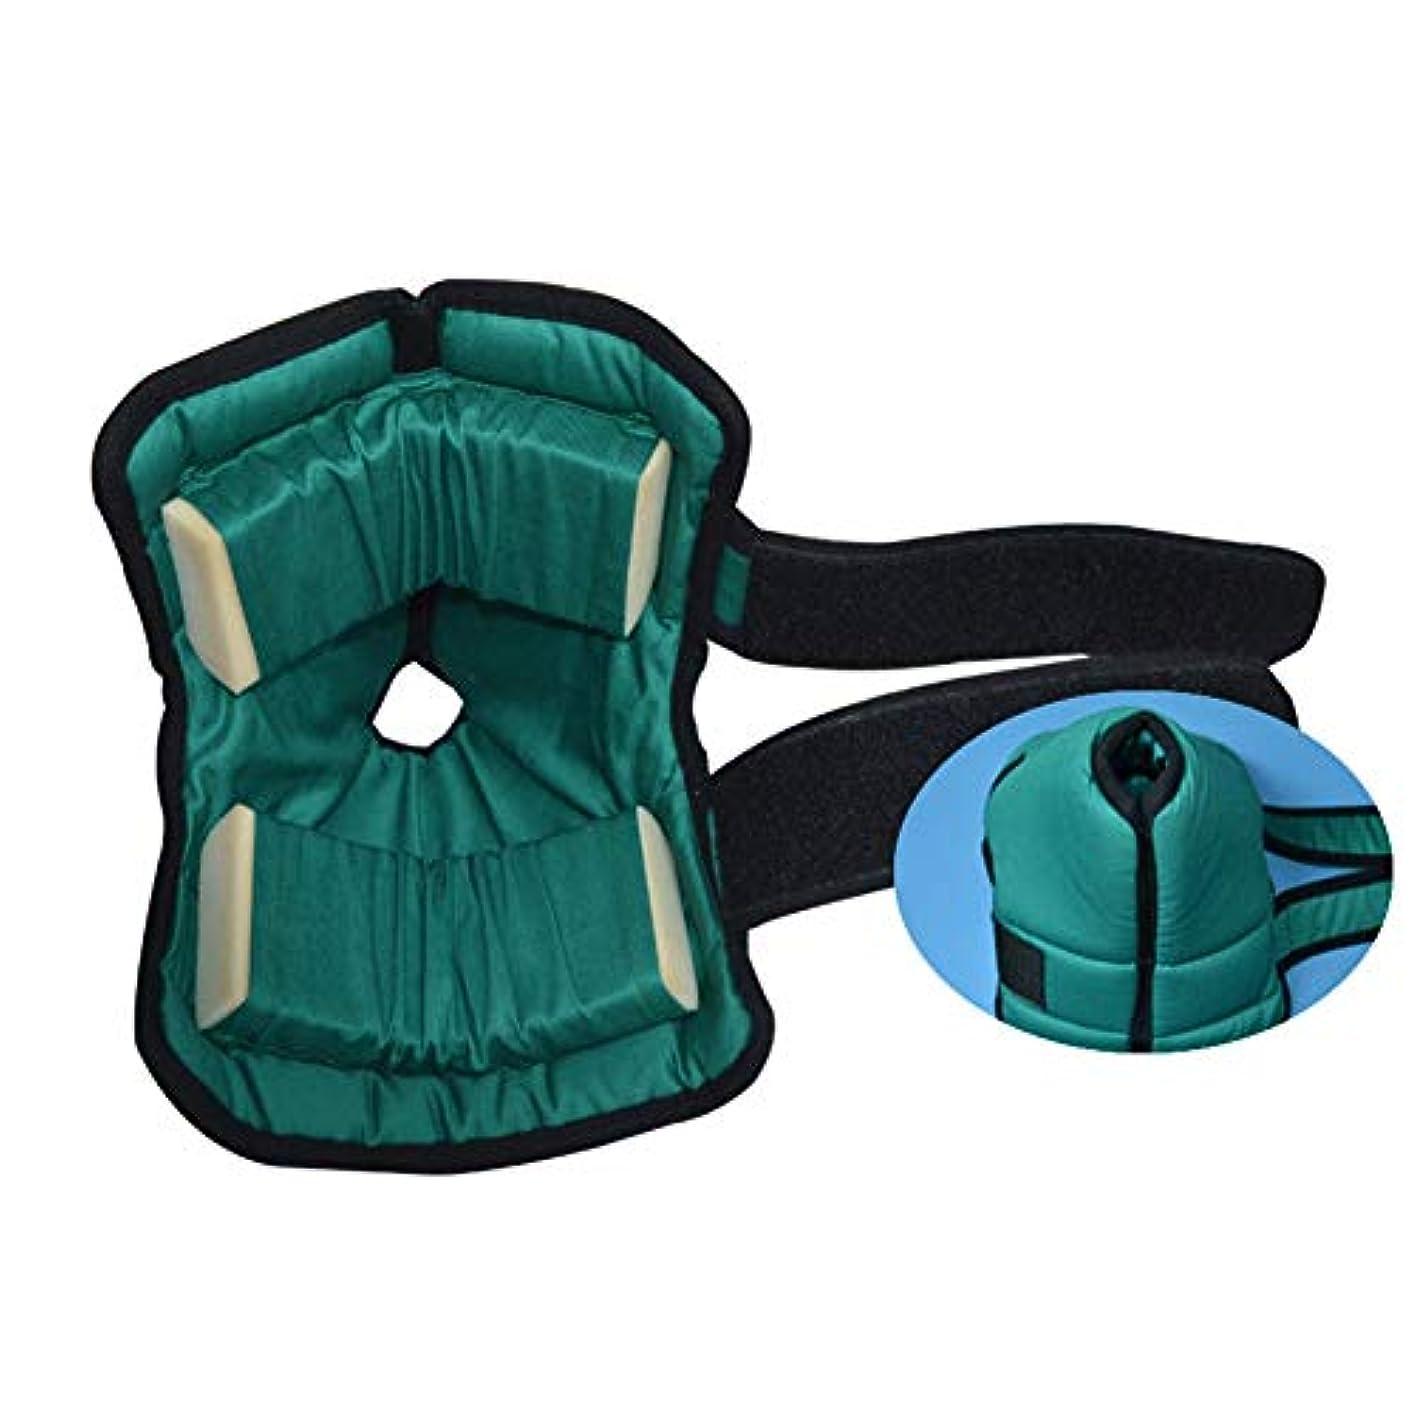 弱いカラス朝かかとプロテクター枕、足枕かかとクッションプロテクター、Pressure瘡予防のためのアキレス腱プロテクター、高齢者の足の補正カバー-1ペア